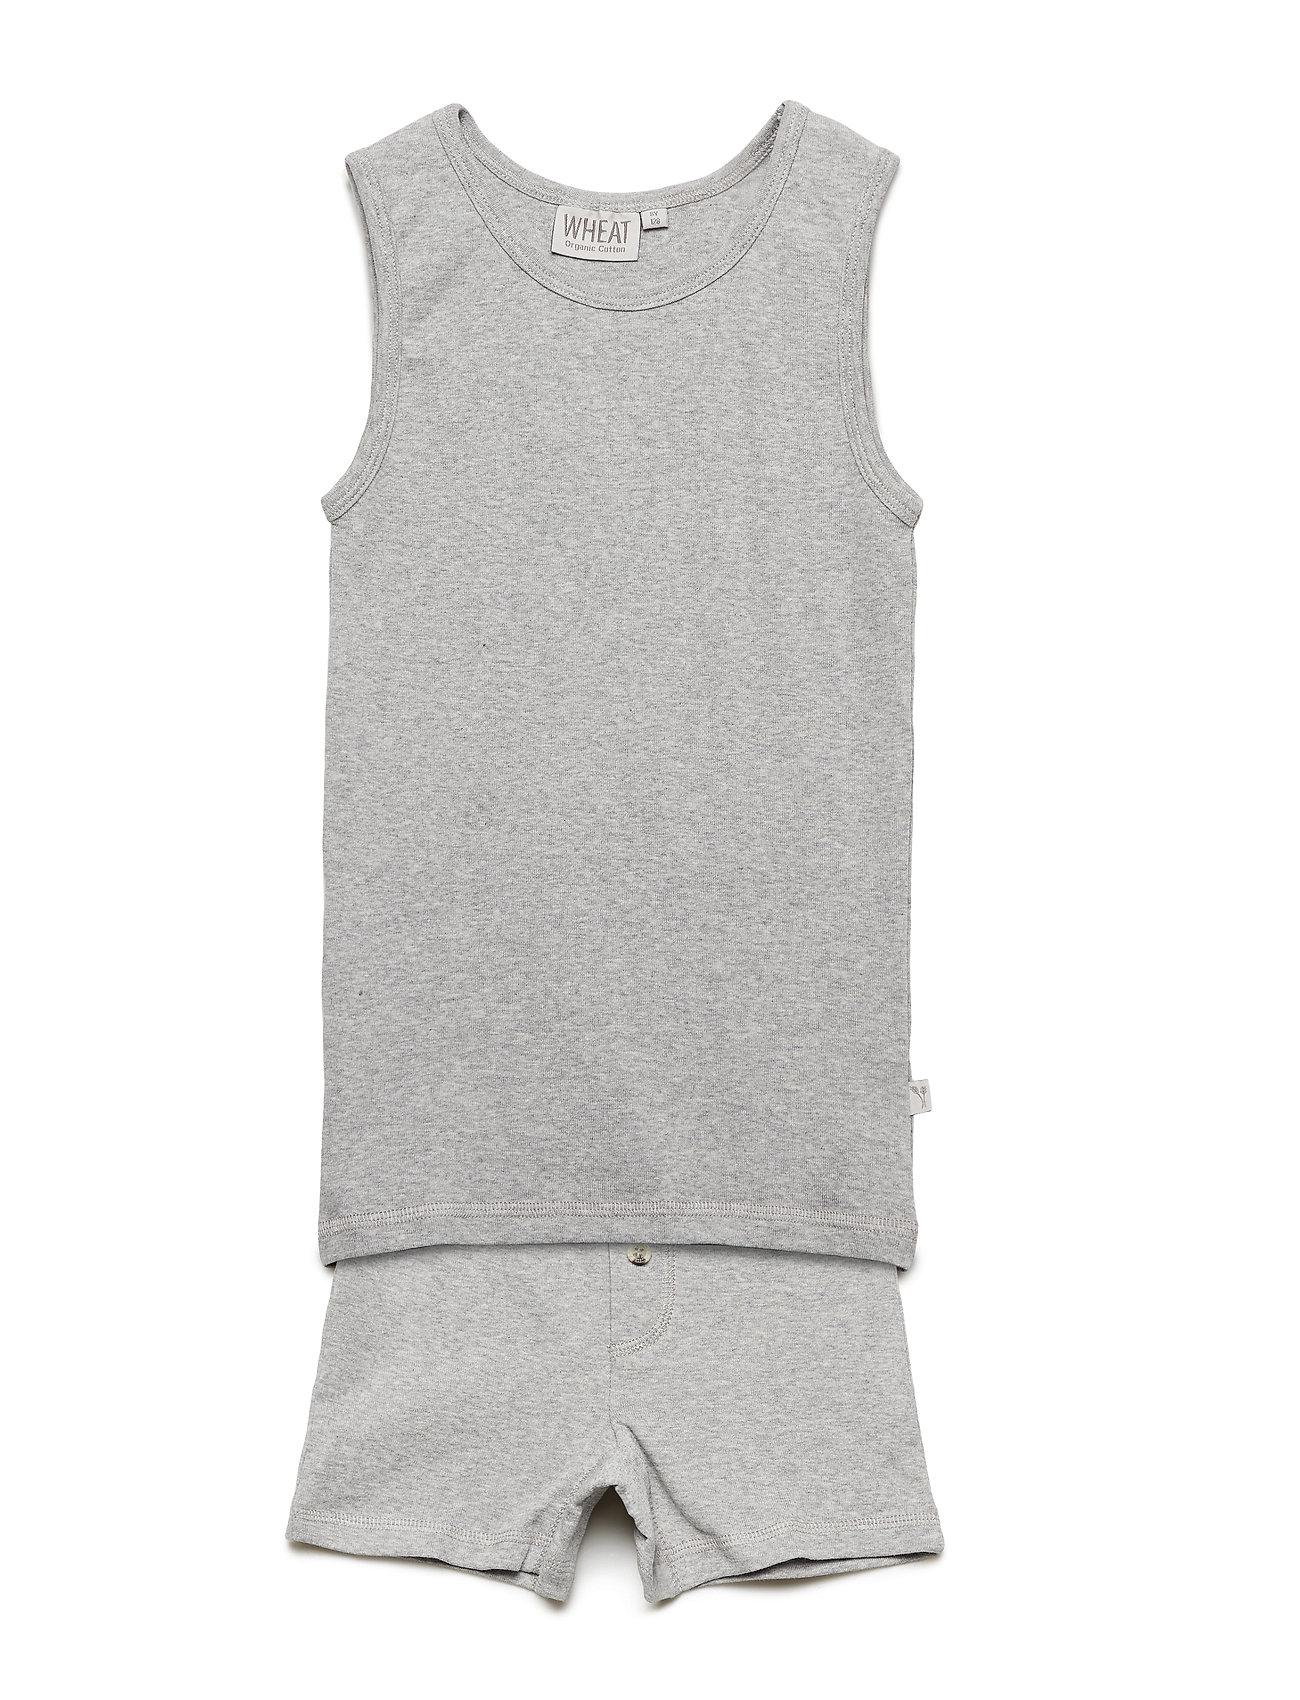 Wheat Boy Underwear